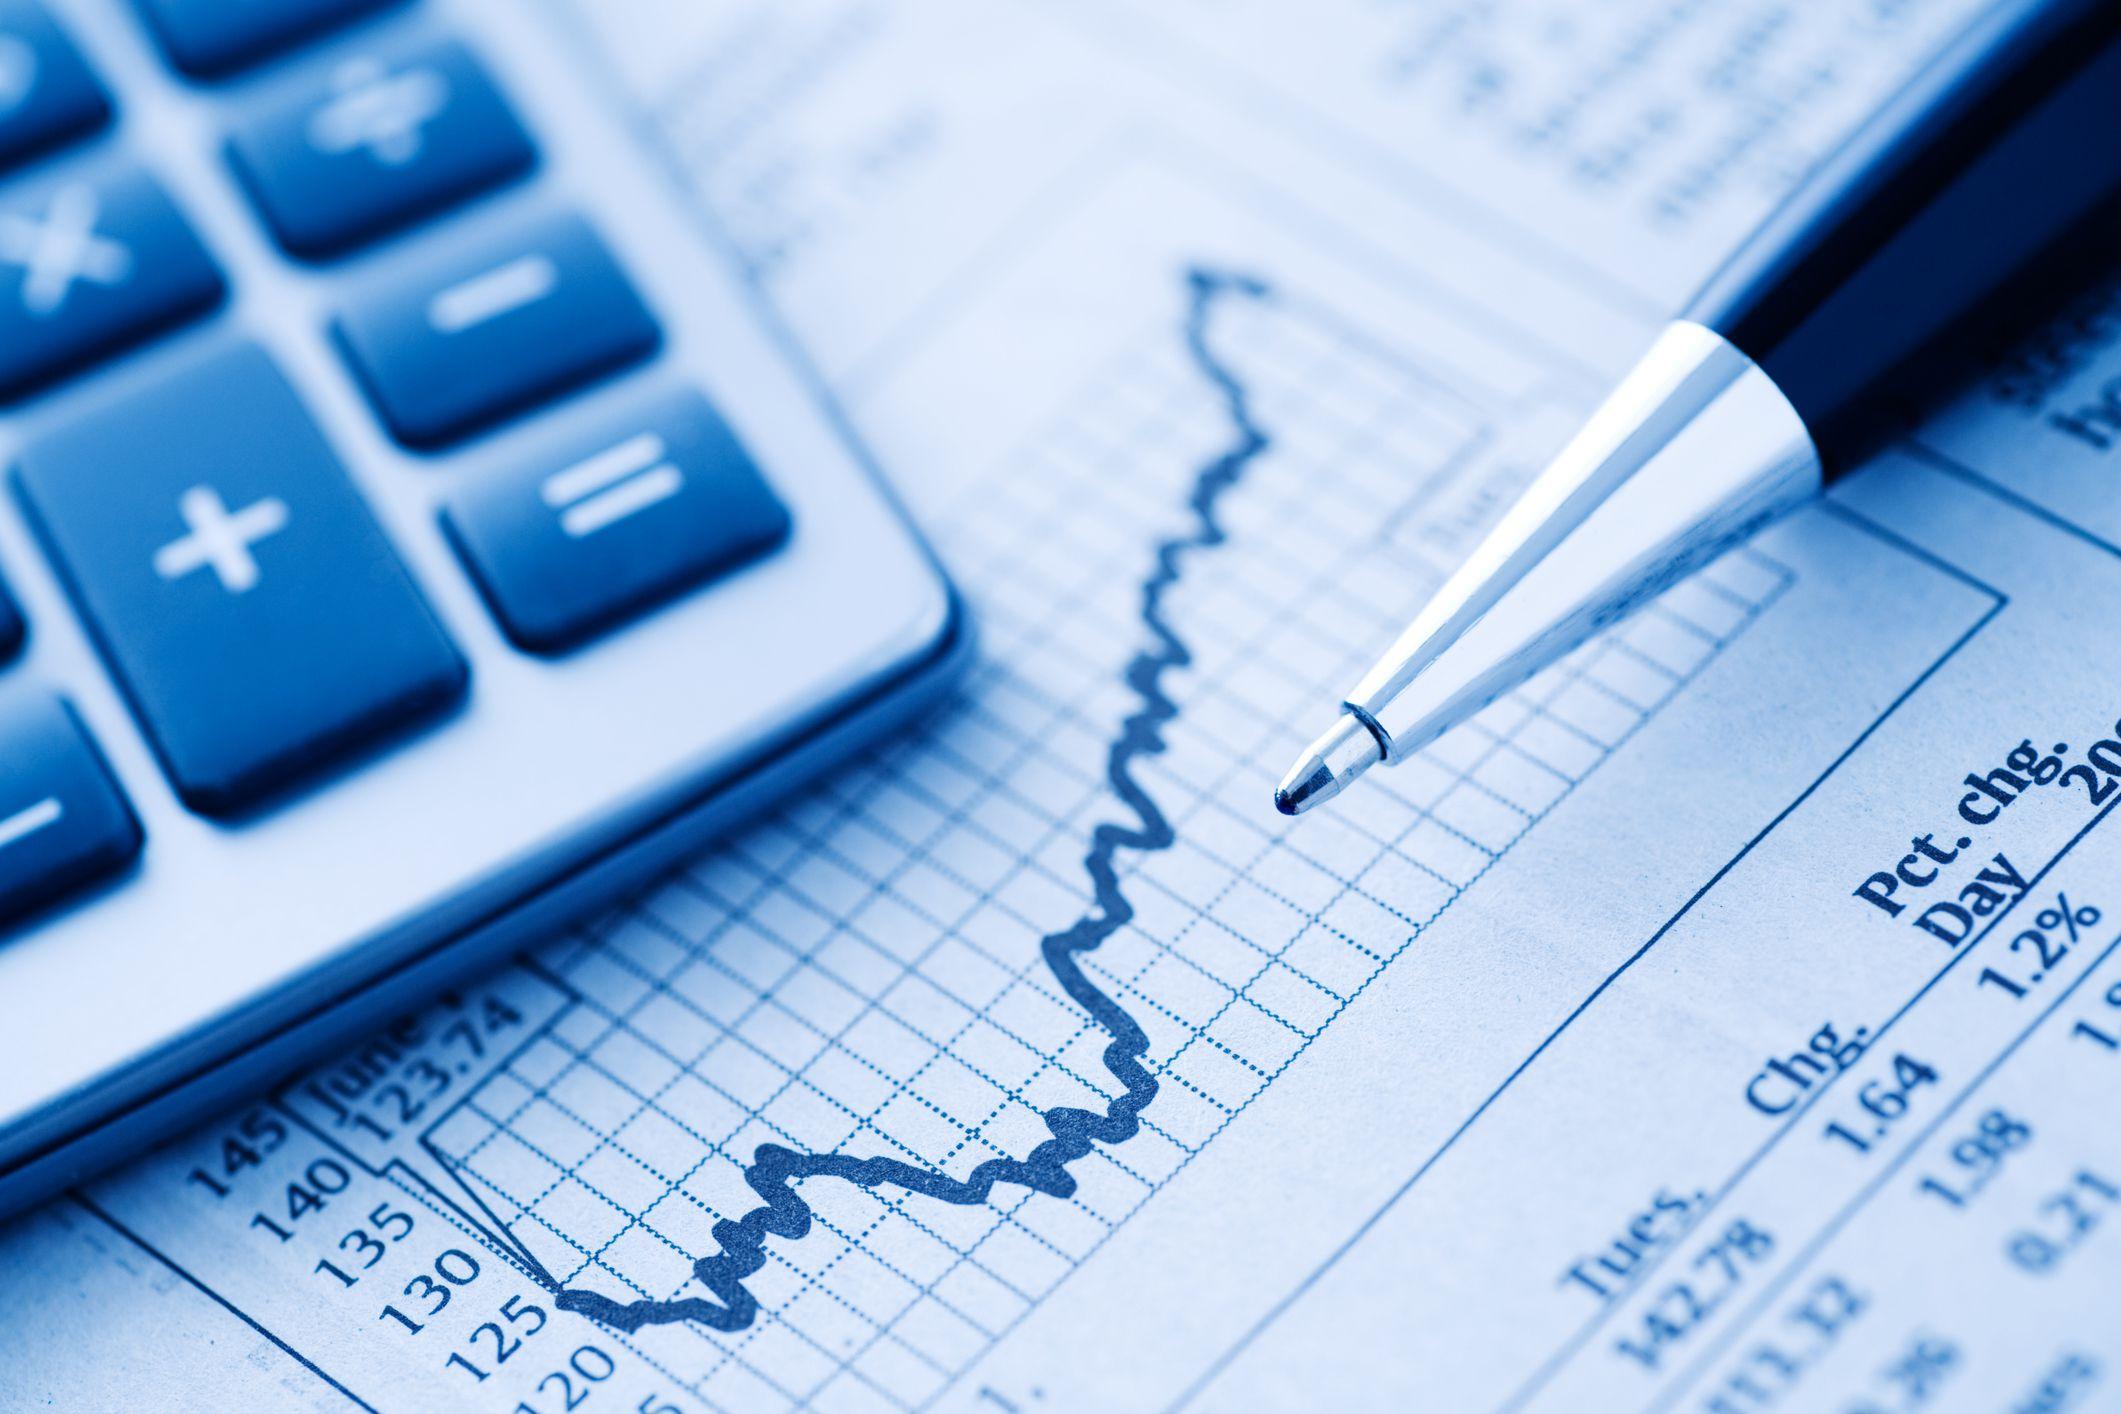 fund 3 निवेशकों का लौटने लगा भरोसा, इक्विटी म्यूचुअल फण्ड में अप्रैल के मुकाबले तीन गुना निवेश